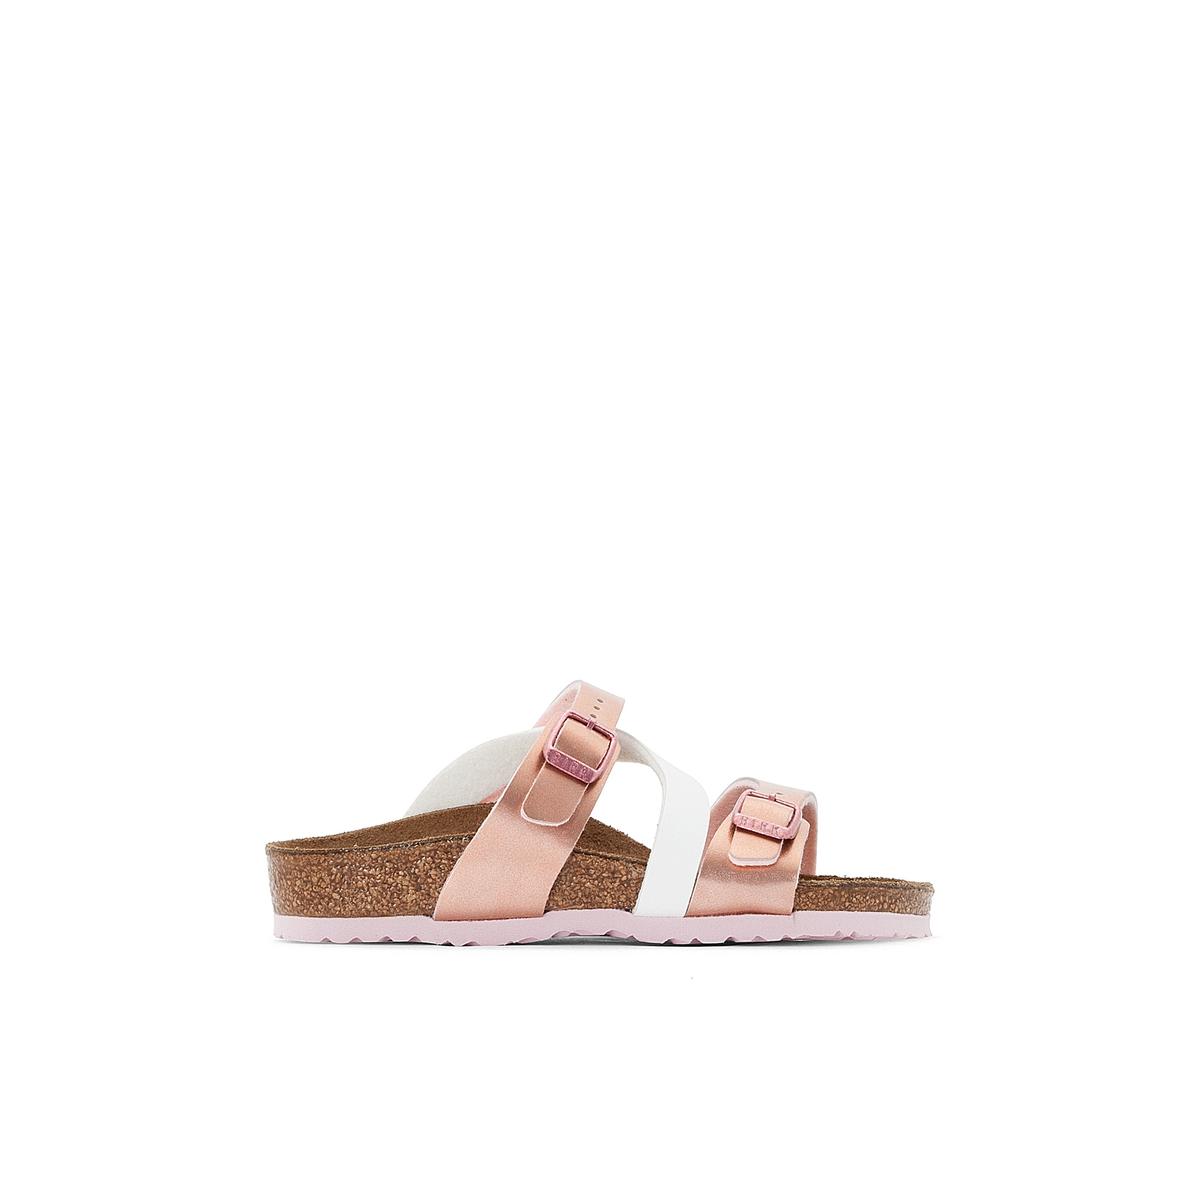 Туфли без задника с открытым мыском Salina, размеры 26-38